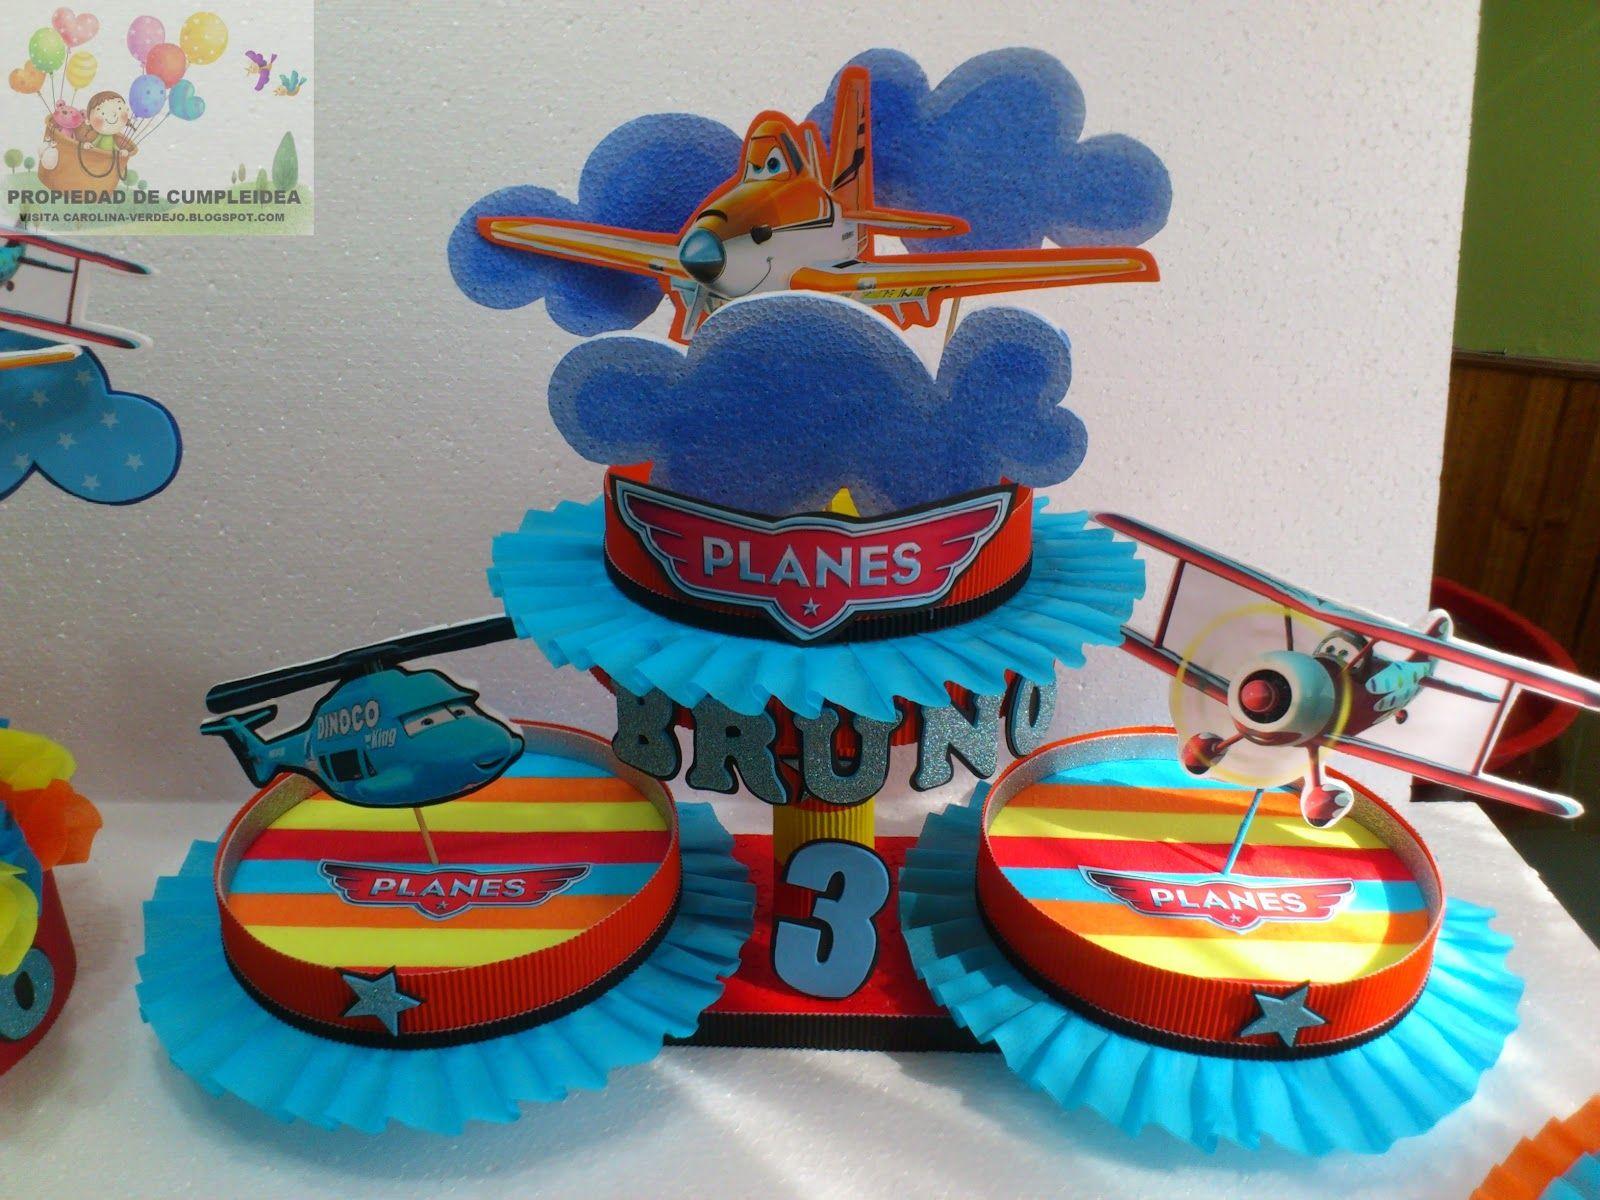 Decoraciones infantiles aviones planes disney - Mesas infantiles disney ...